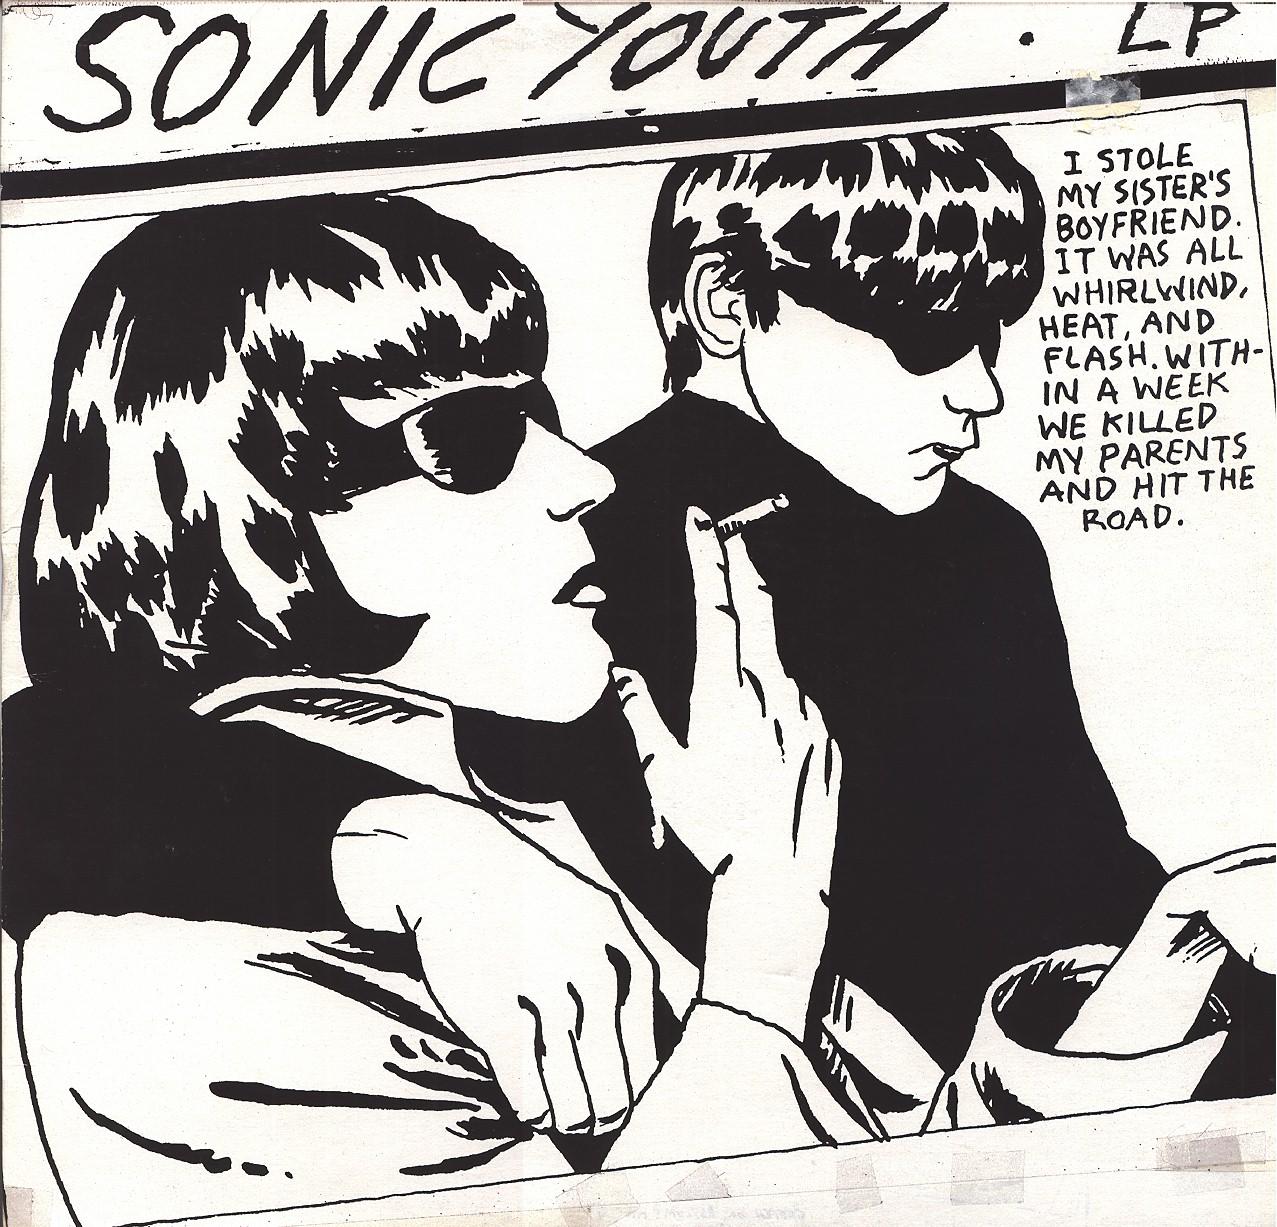 Raymond Pettiboni kujundatud plaadikaas Sonic Youthi albumile Goo.